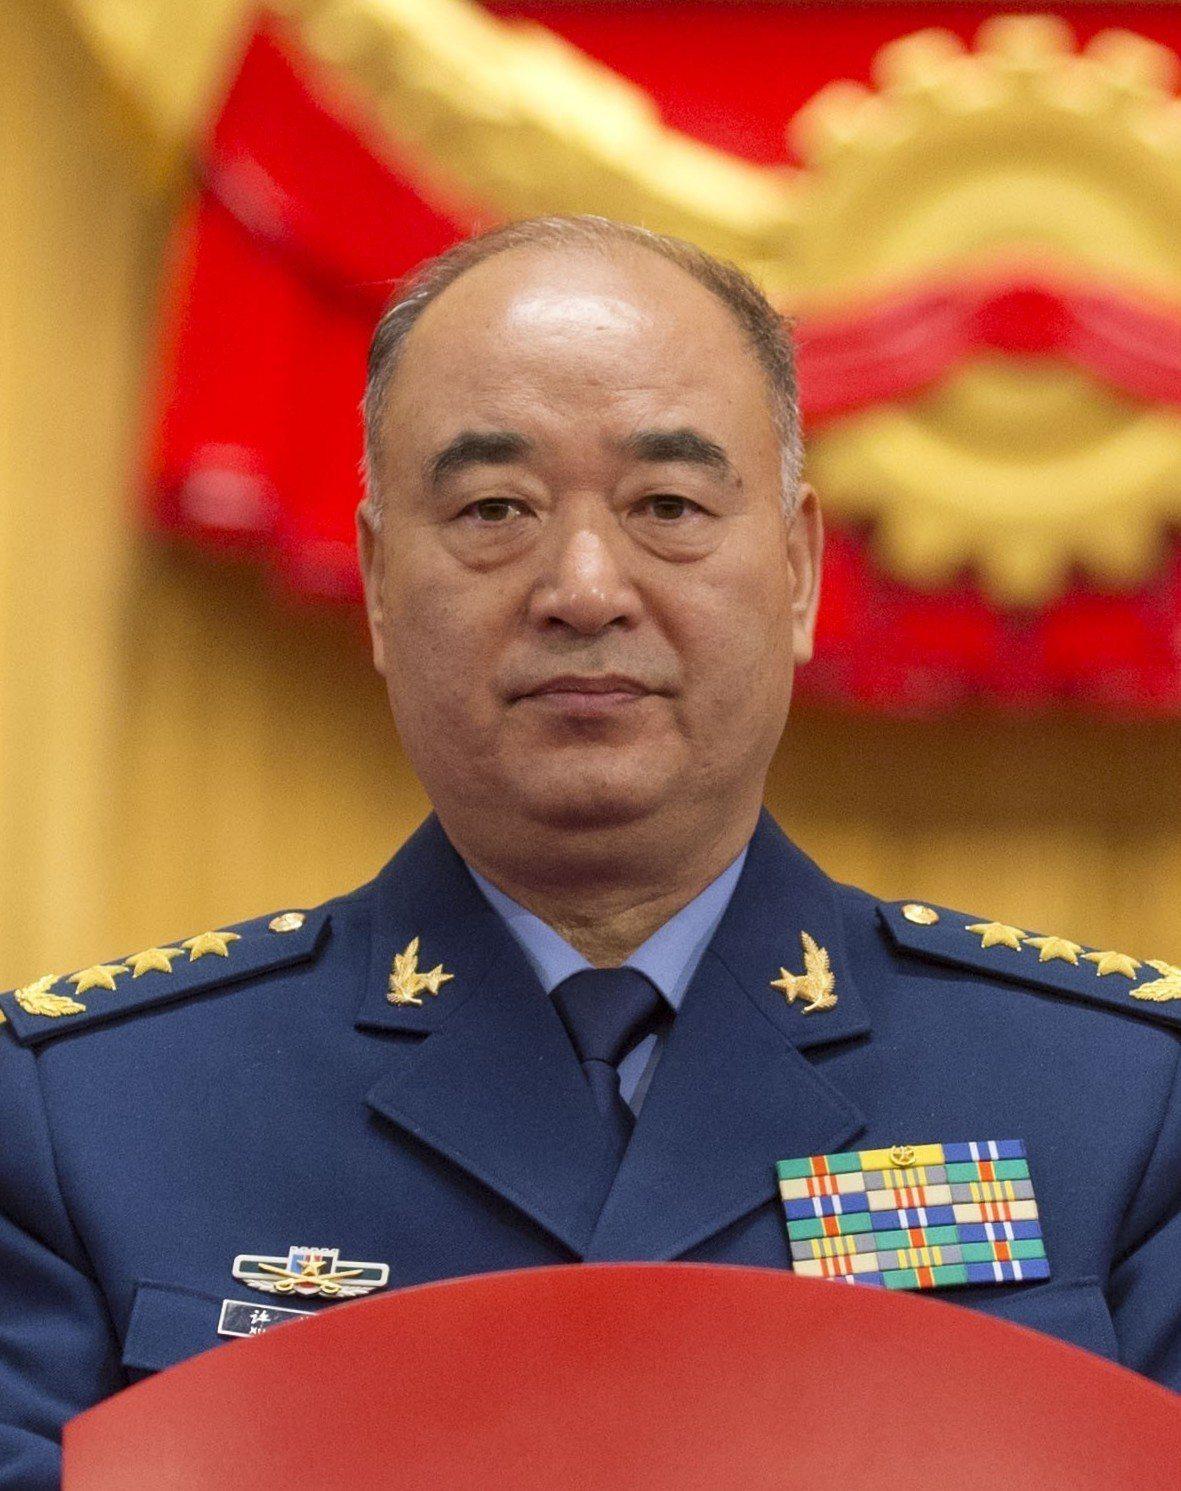 中國軍方高層許其亮(圖)正在中亞3國訪問,據分析,許其亮此行重點相信涉及反恐工作...